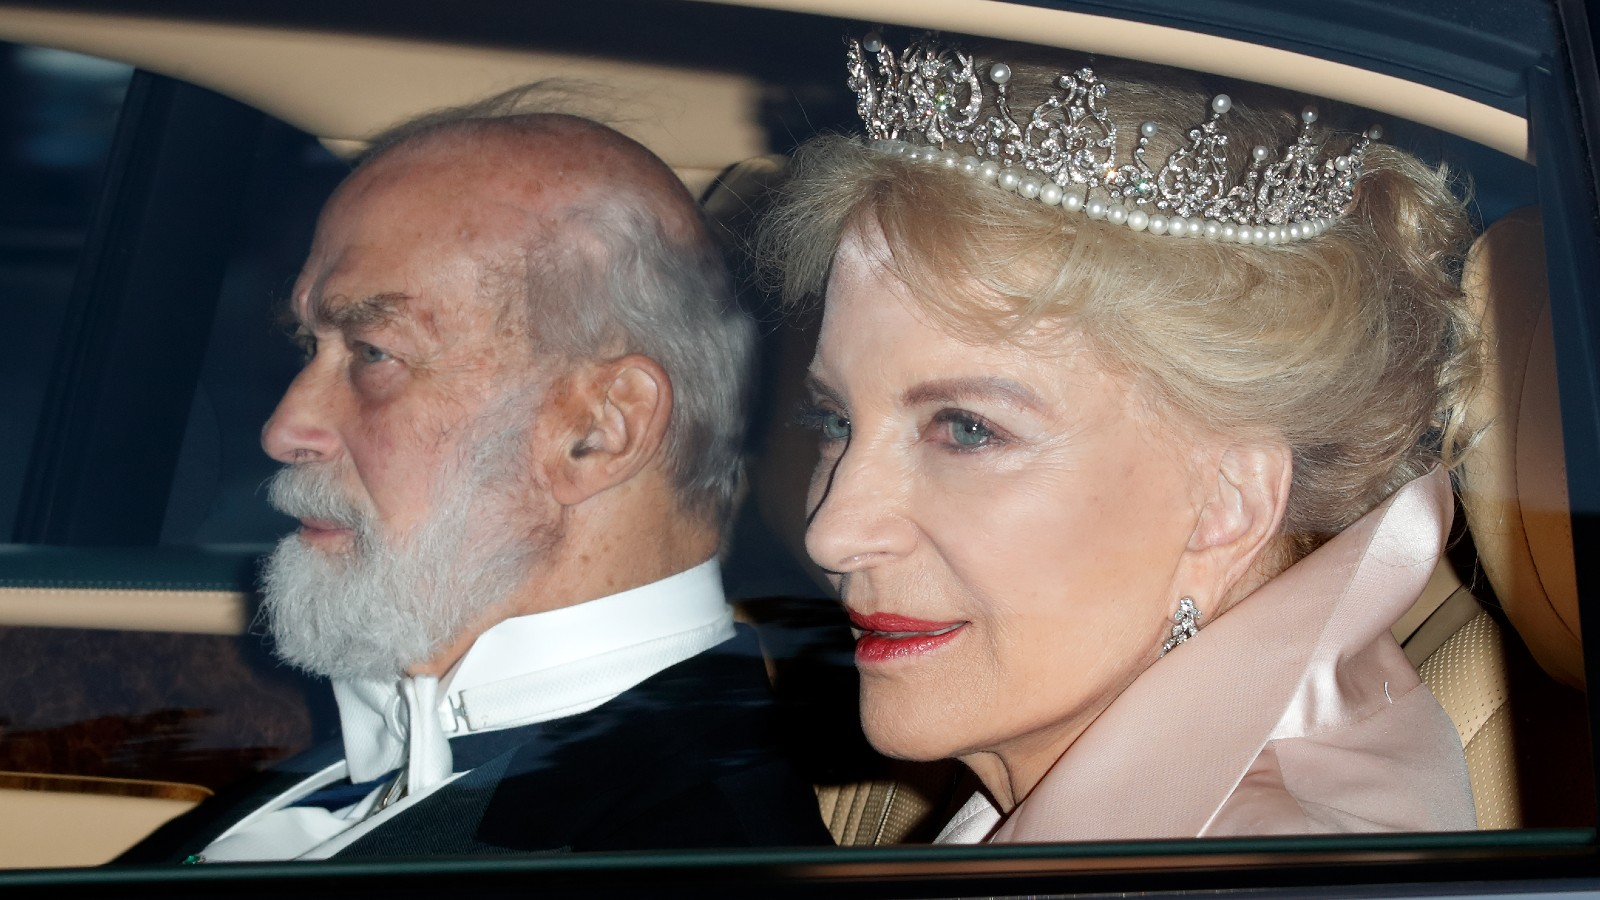 les caillots sanguins de la famille de la Reine, la Princesse Michael de Kent et le Prince Michael de Kent